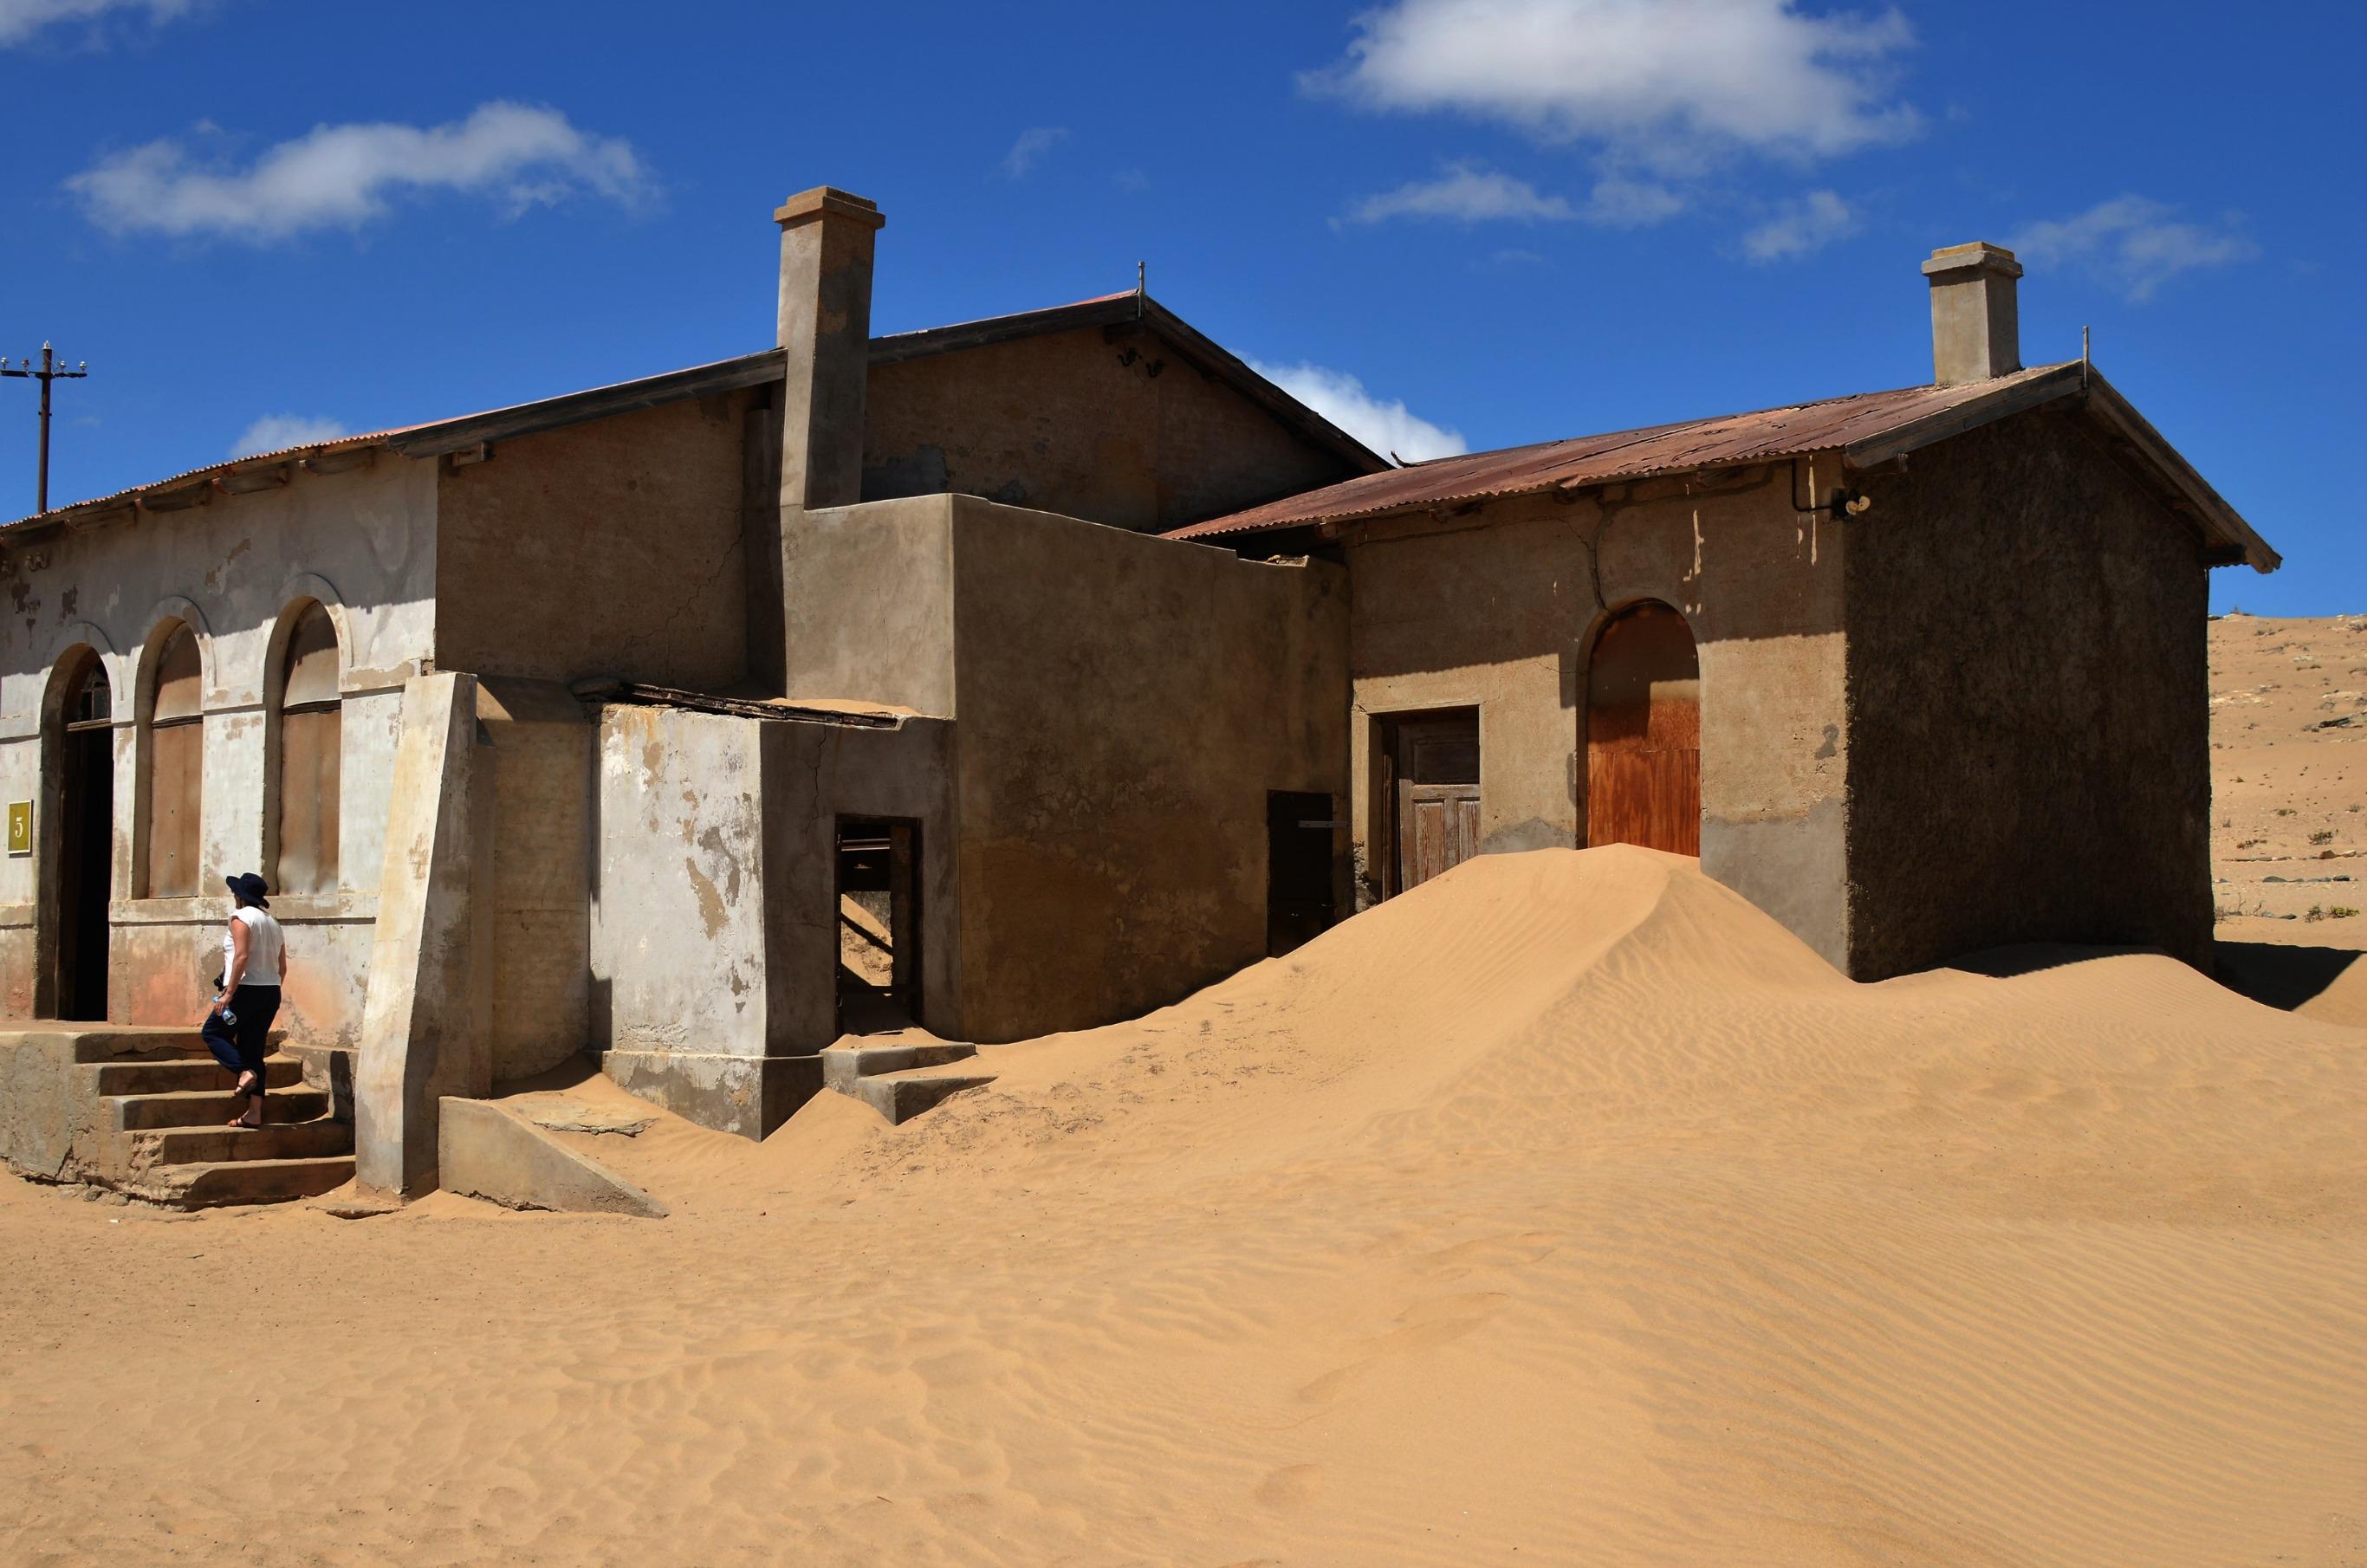 The rich story of Kolmanskop, the Namib Desert's ghost ...